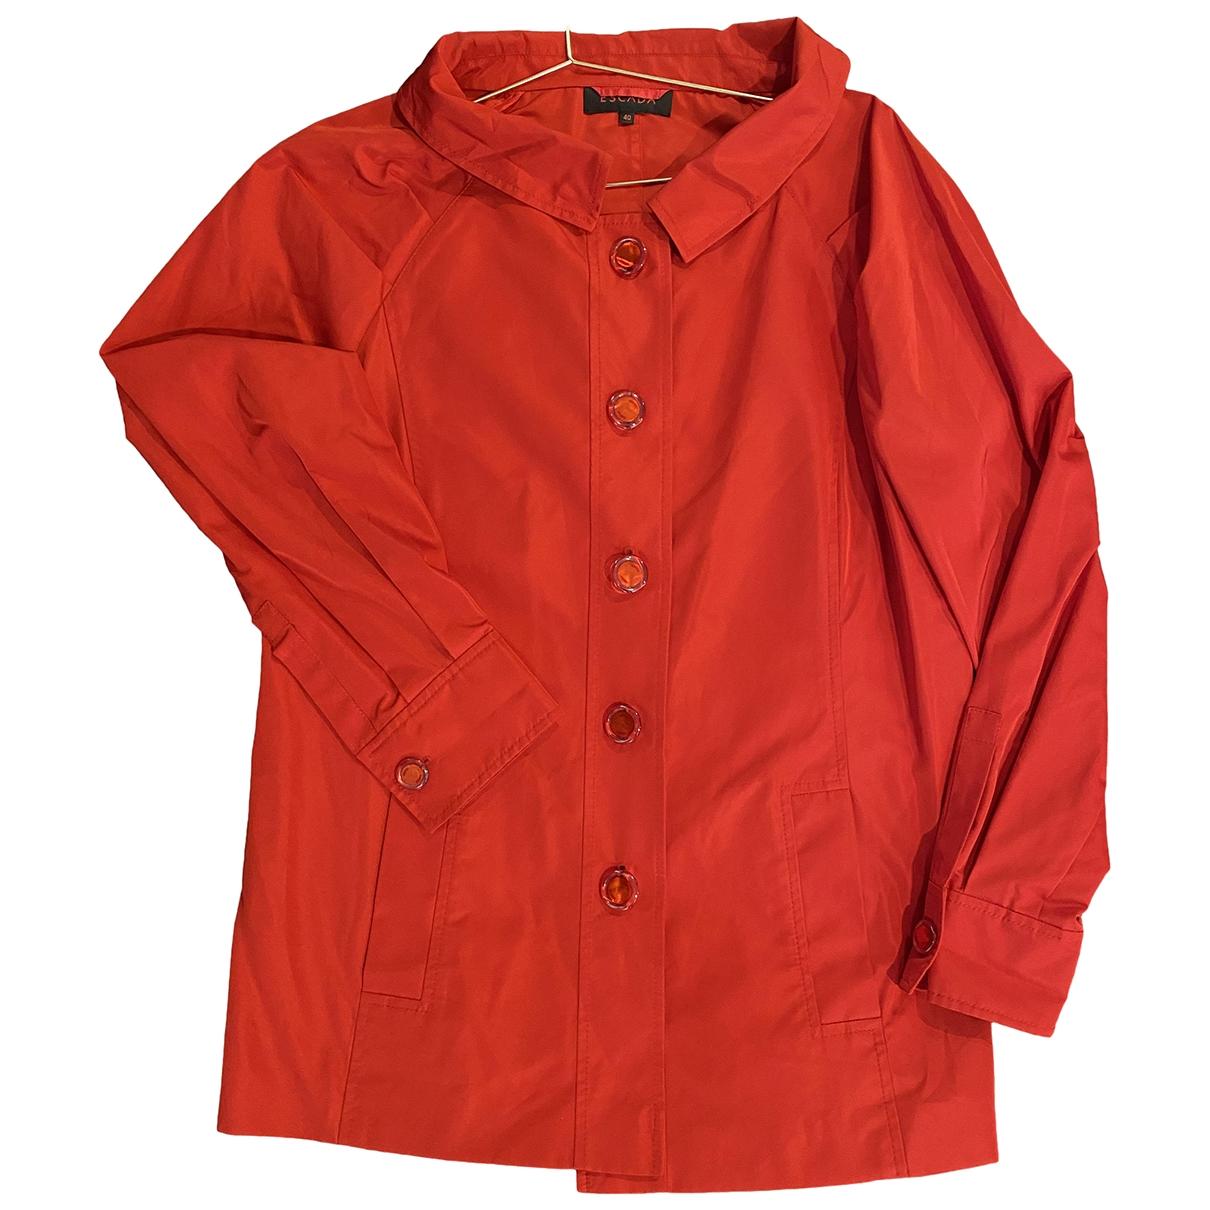 Escada \N Red coat for Women 40 IT